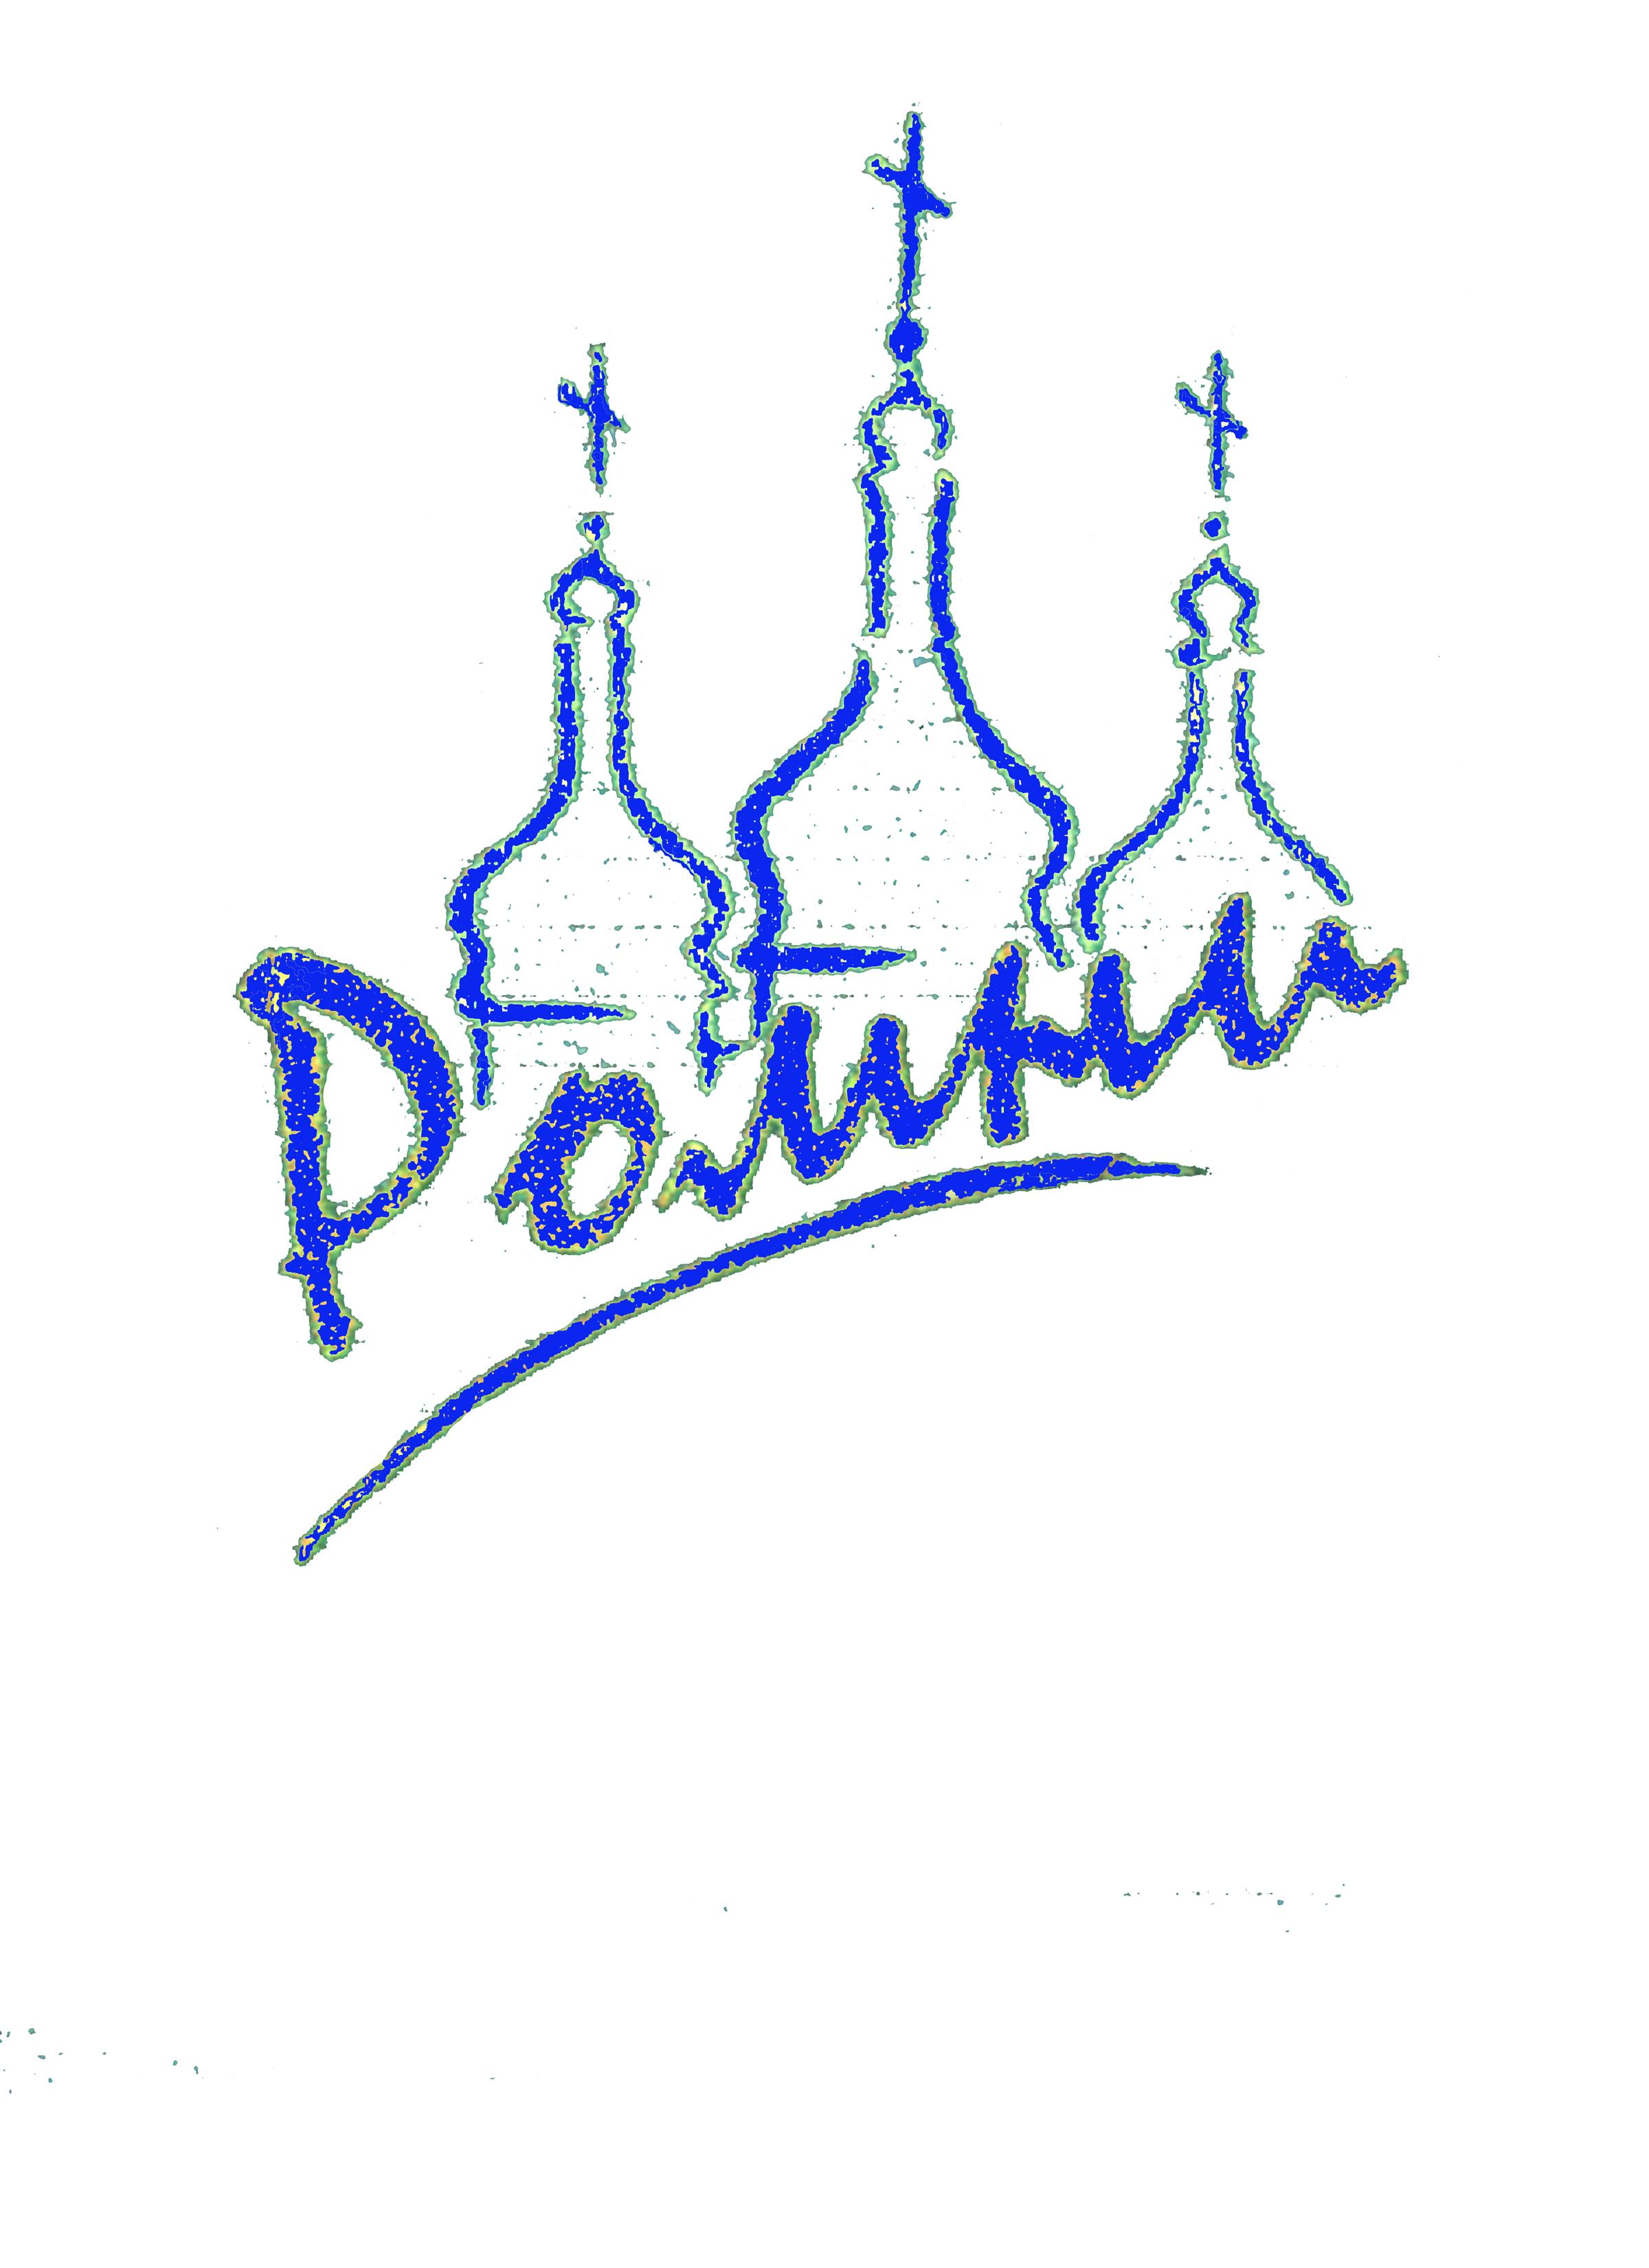 viddil-mistobuduvannia-ta-arkhitektury-vykonavchoho-komitetu-romenskoi-miskoi-rady